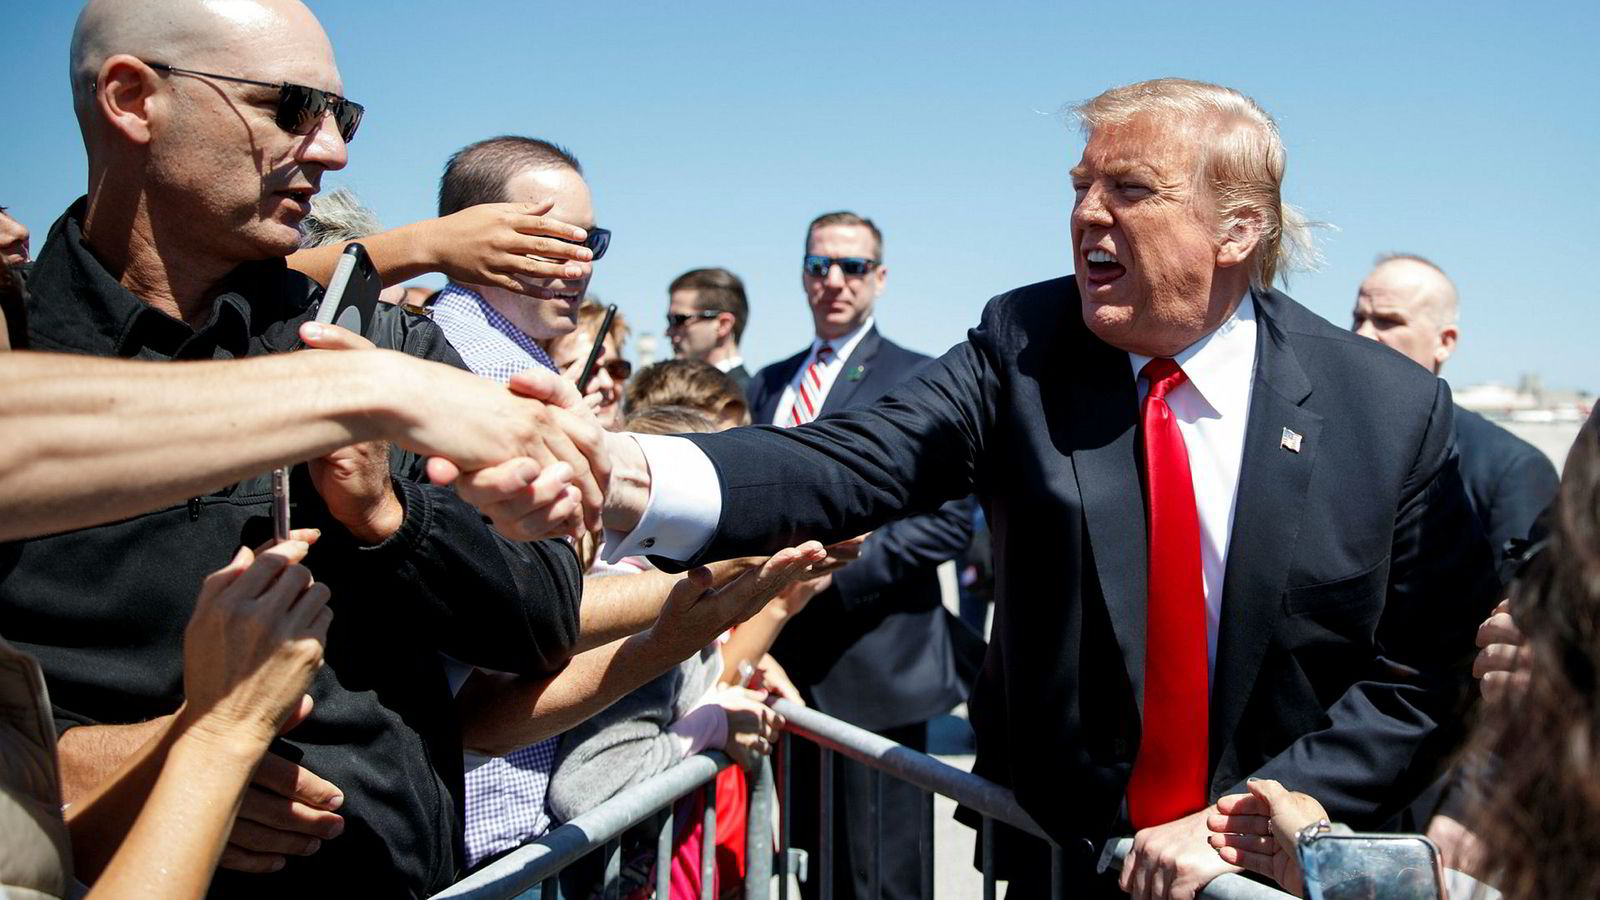 President Donald Trump var på hugget da han ankom Palm Beach International Airporti Florida fredag. Mueller-rapporten ble levert kort tid etter at dette bildet ble tatt.